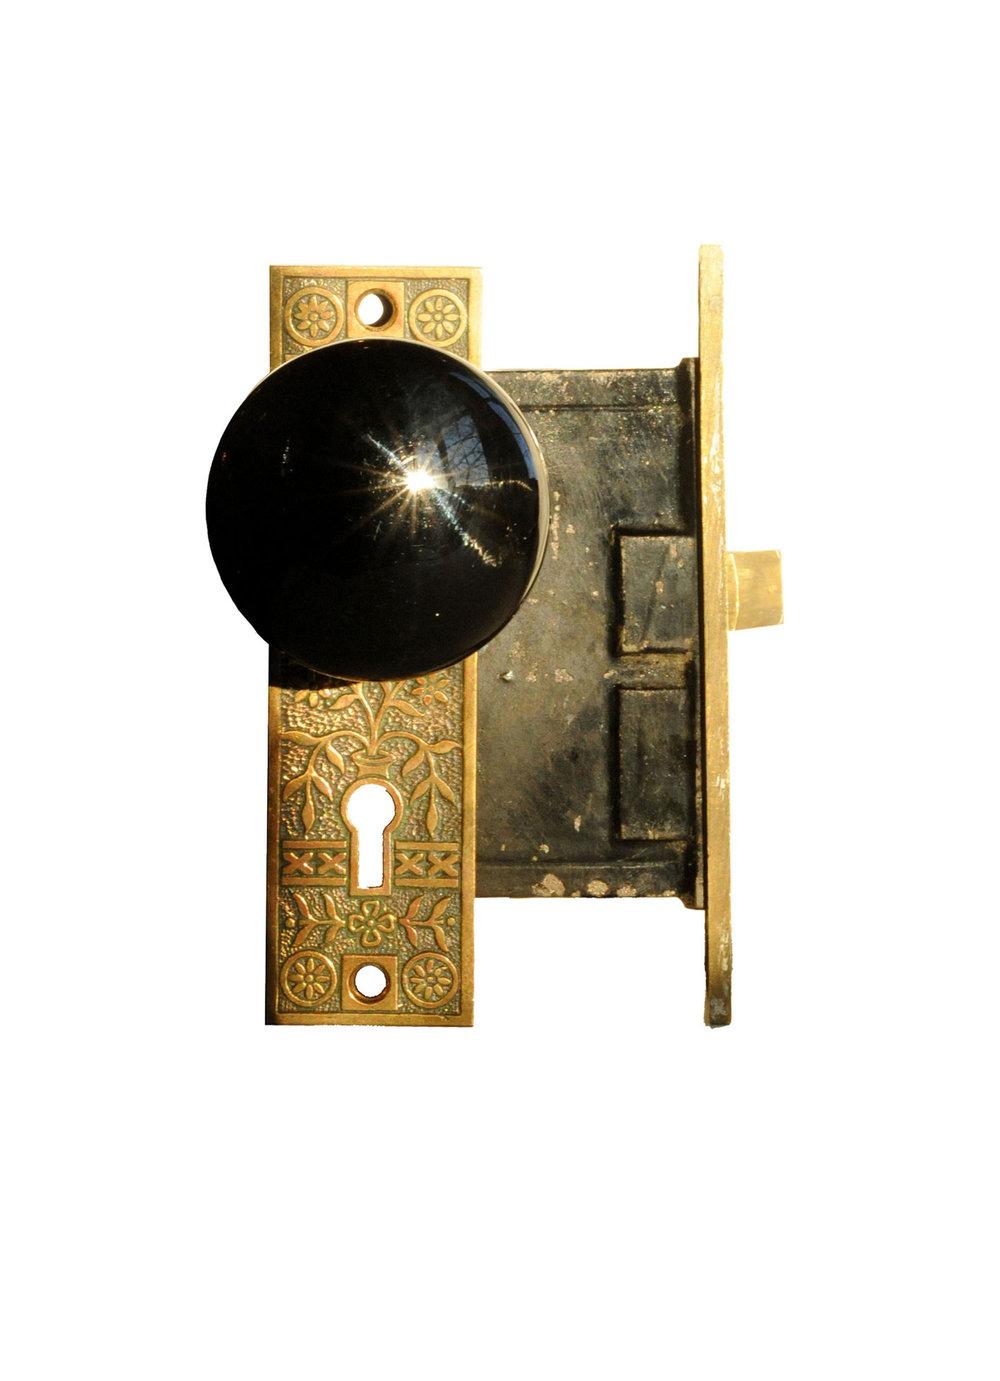 BLACK PORCELAIN AND CAST BRONZE EASTLAKE DOOR KNOB SET AA# H20097   SOLD!